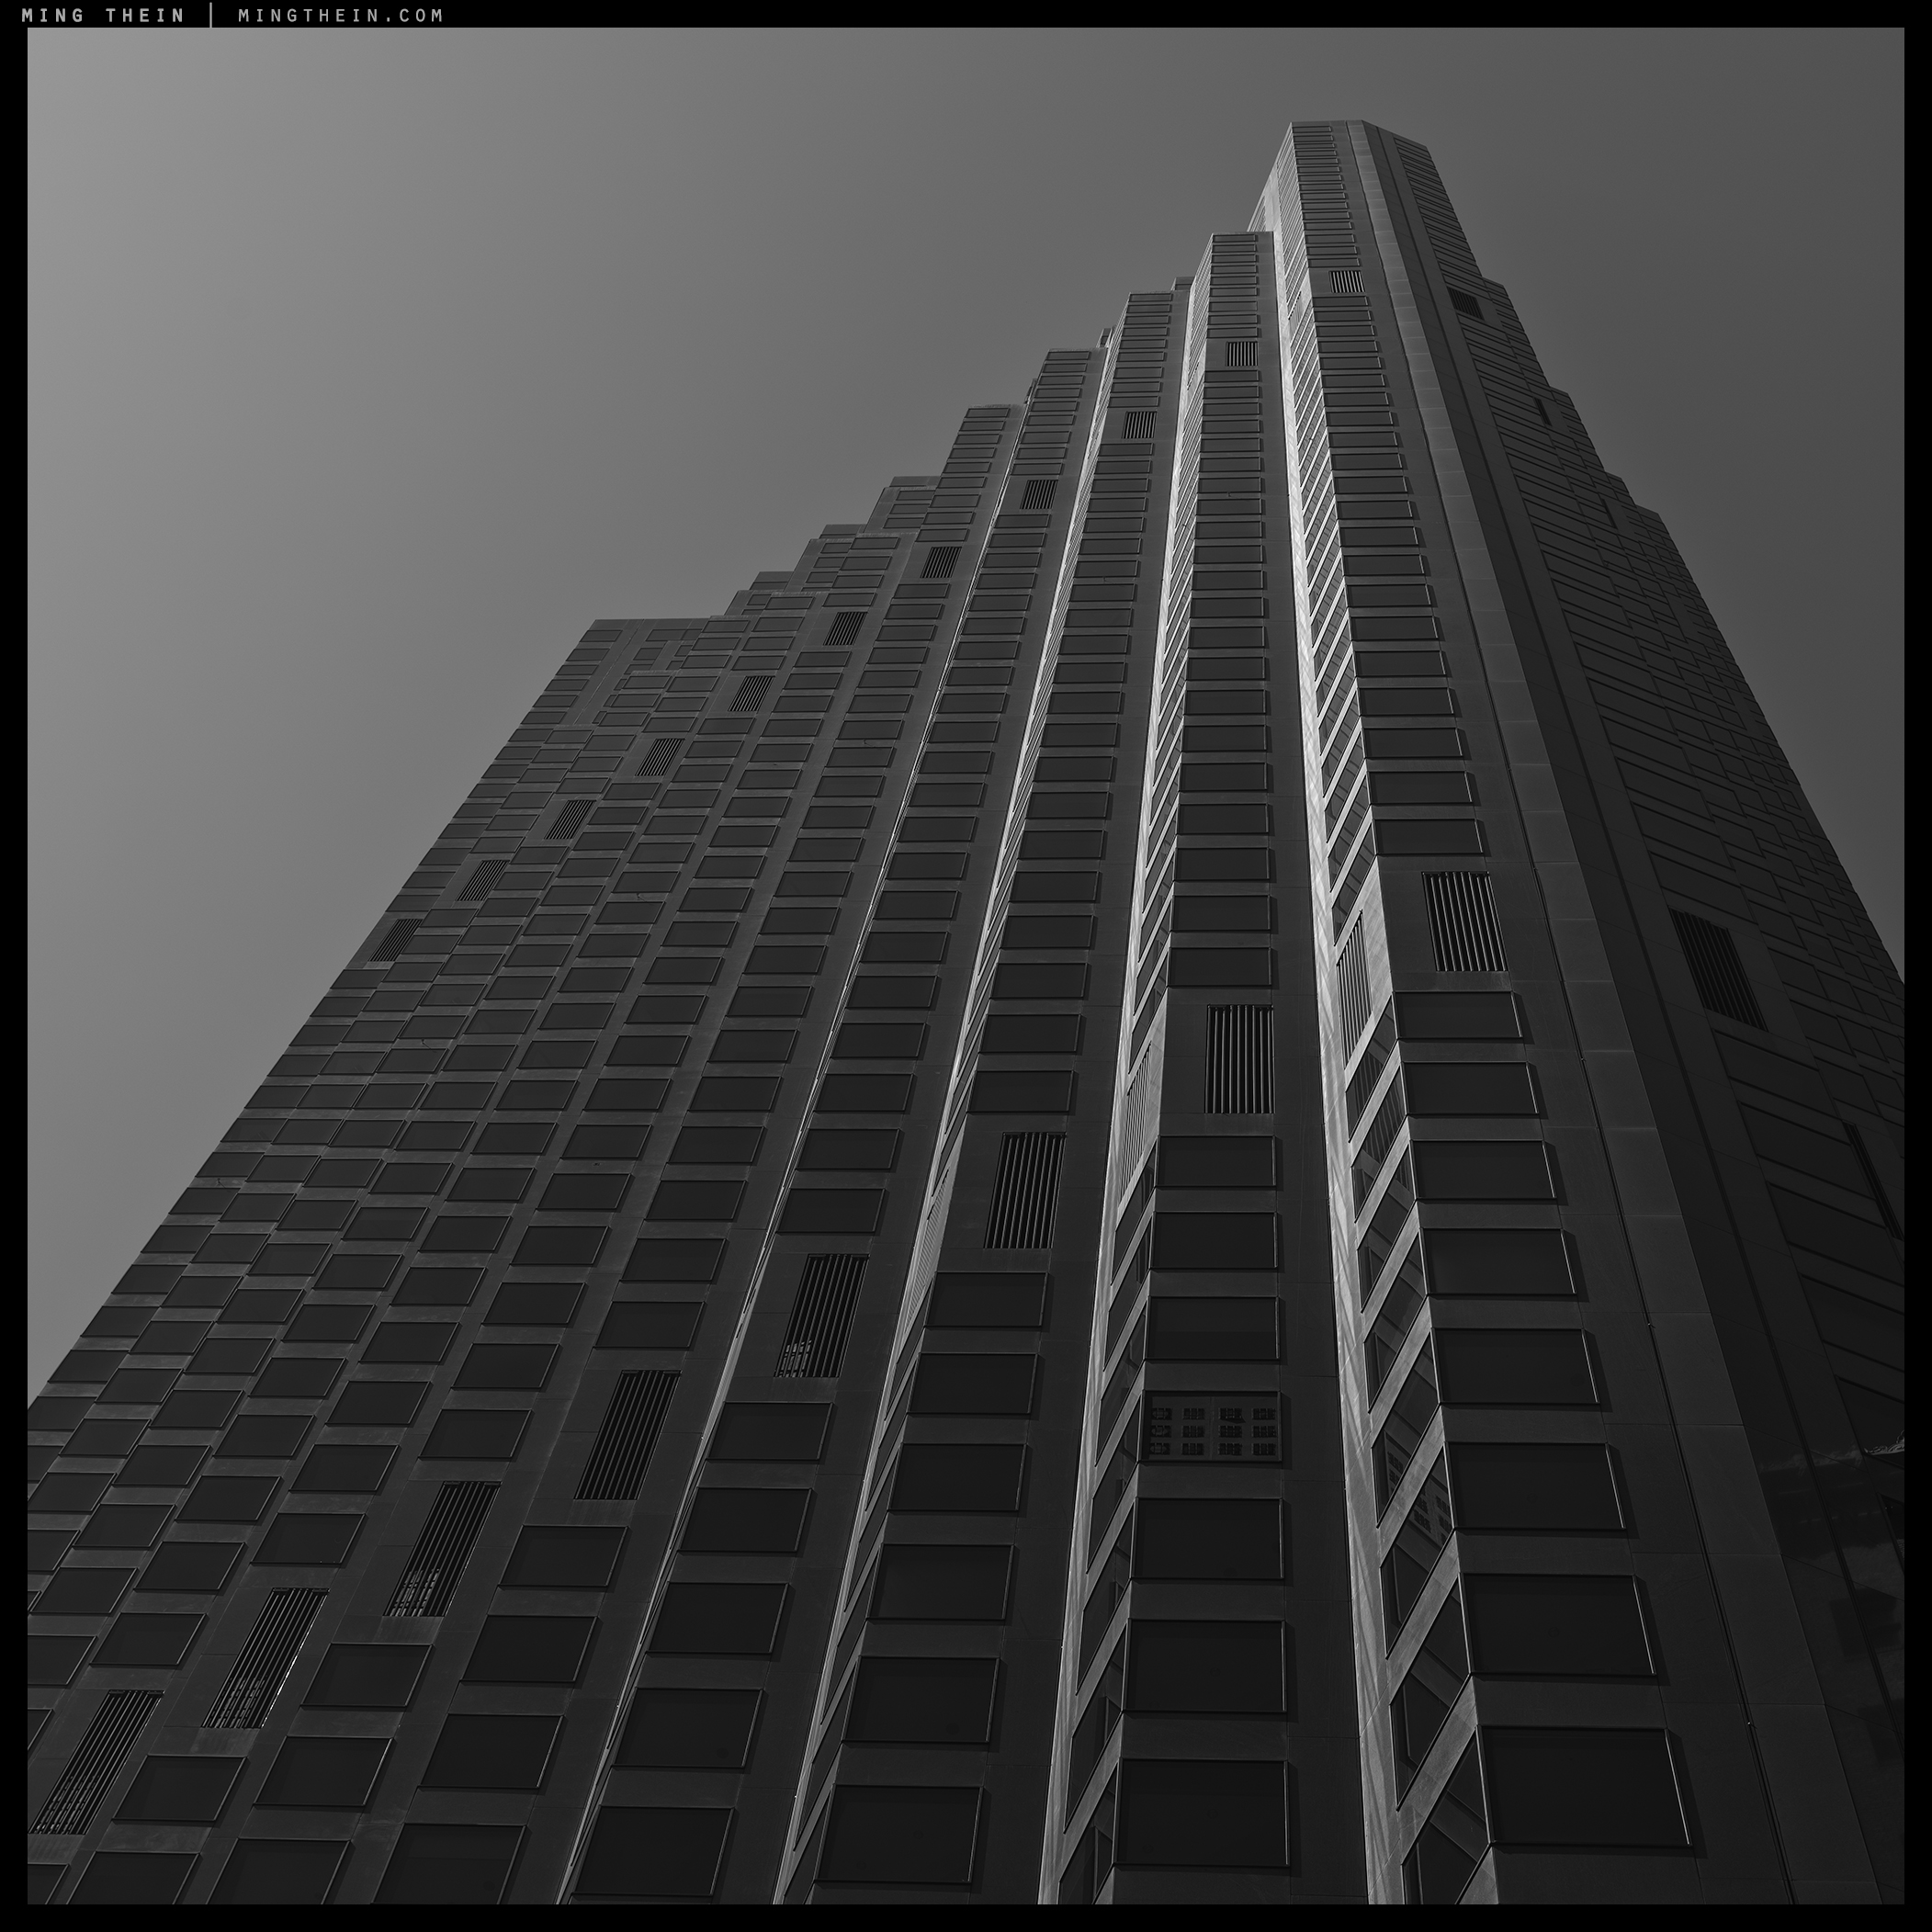 44_64Z3447 verticality XLIV copy.jpg